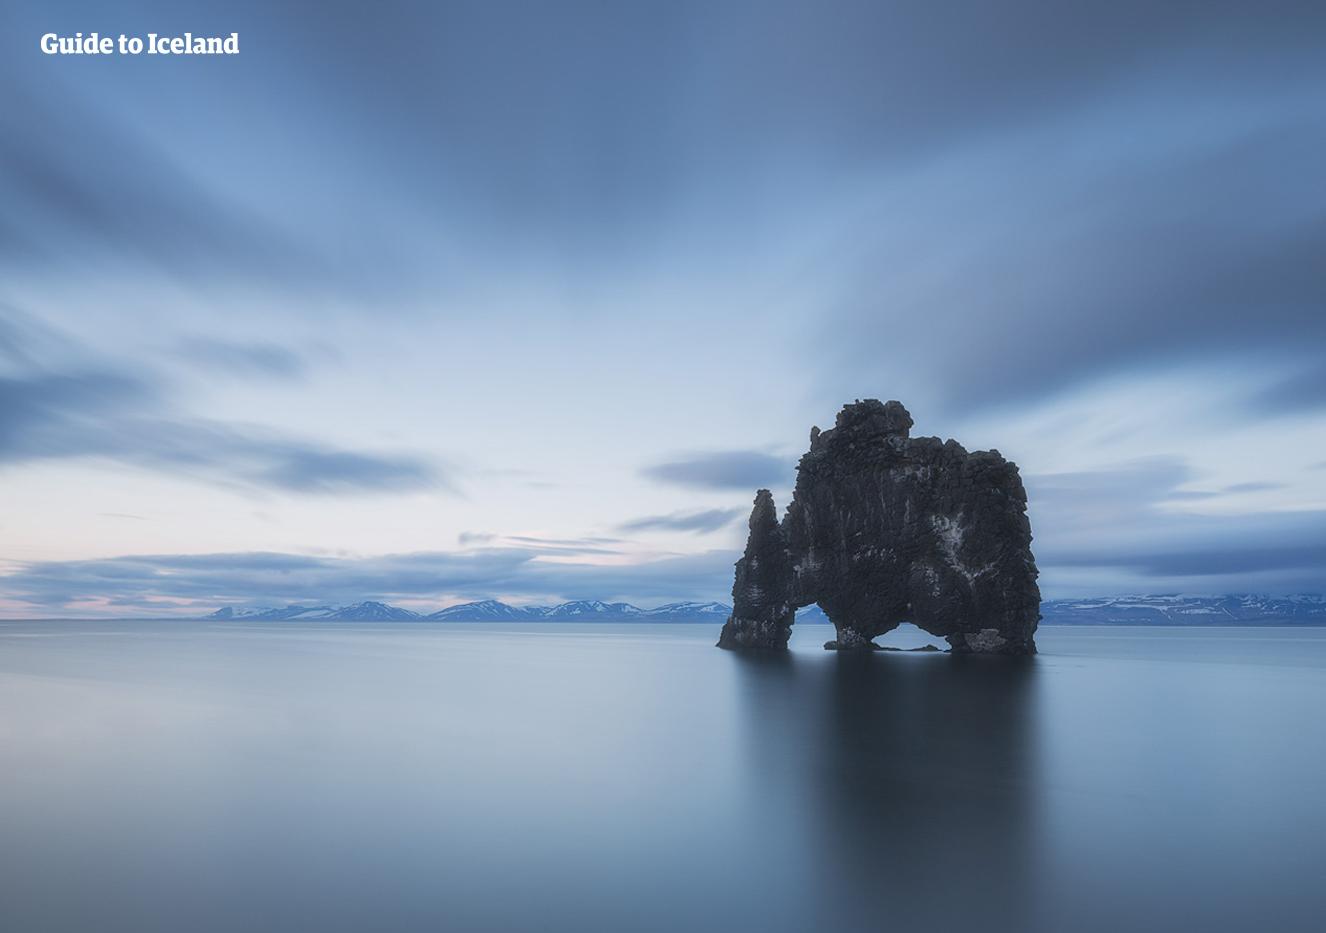 Hvítserkur犀牛石是冰岛北部的一块玄武岩巨石,形似大象饮水